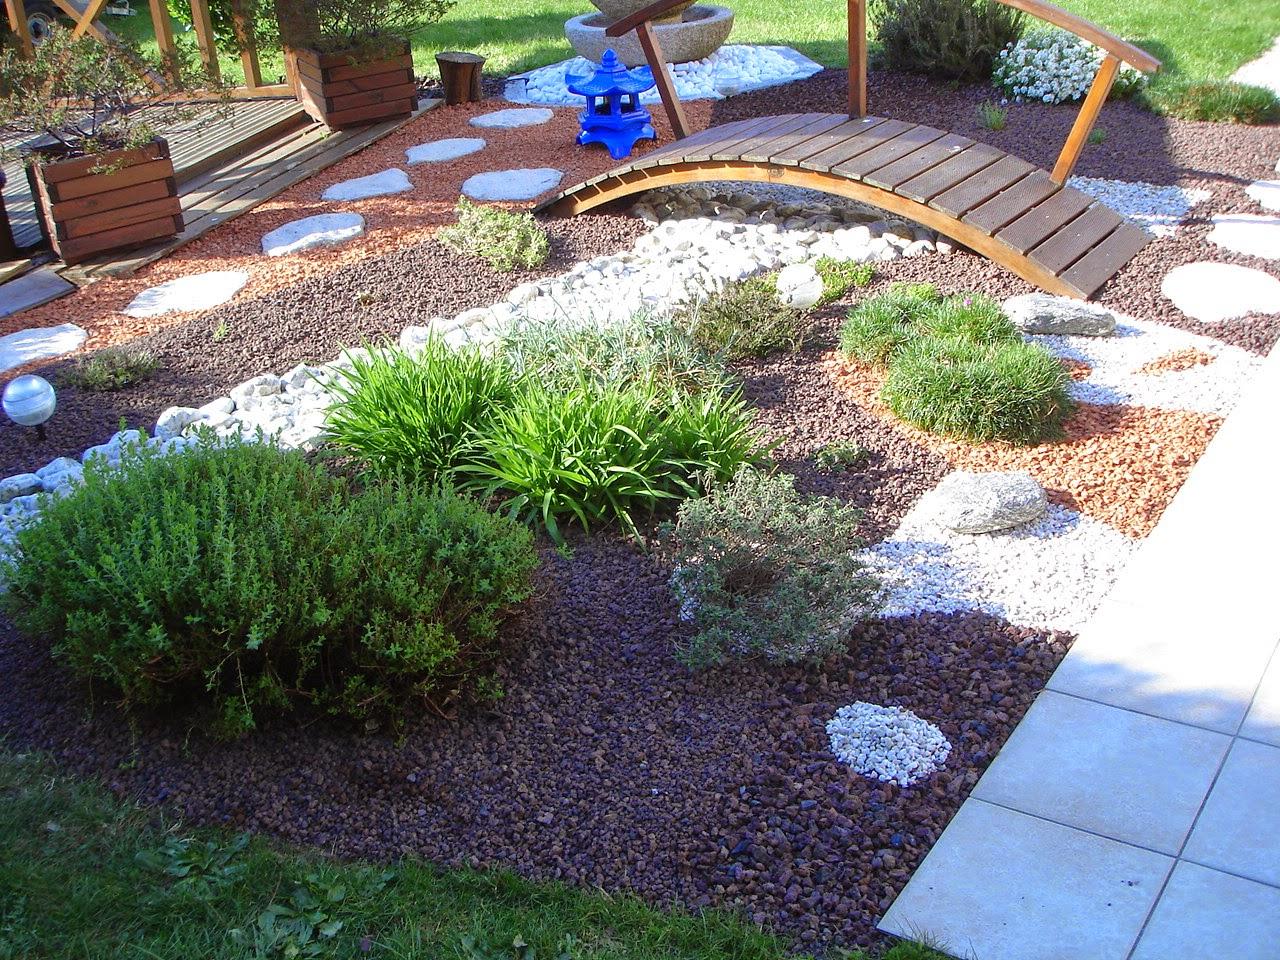 les passions de lili petit jardin japonisant. Black Bedroom Furniture Sets. Home Design Ideas